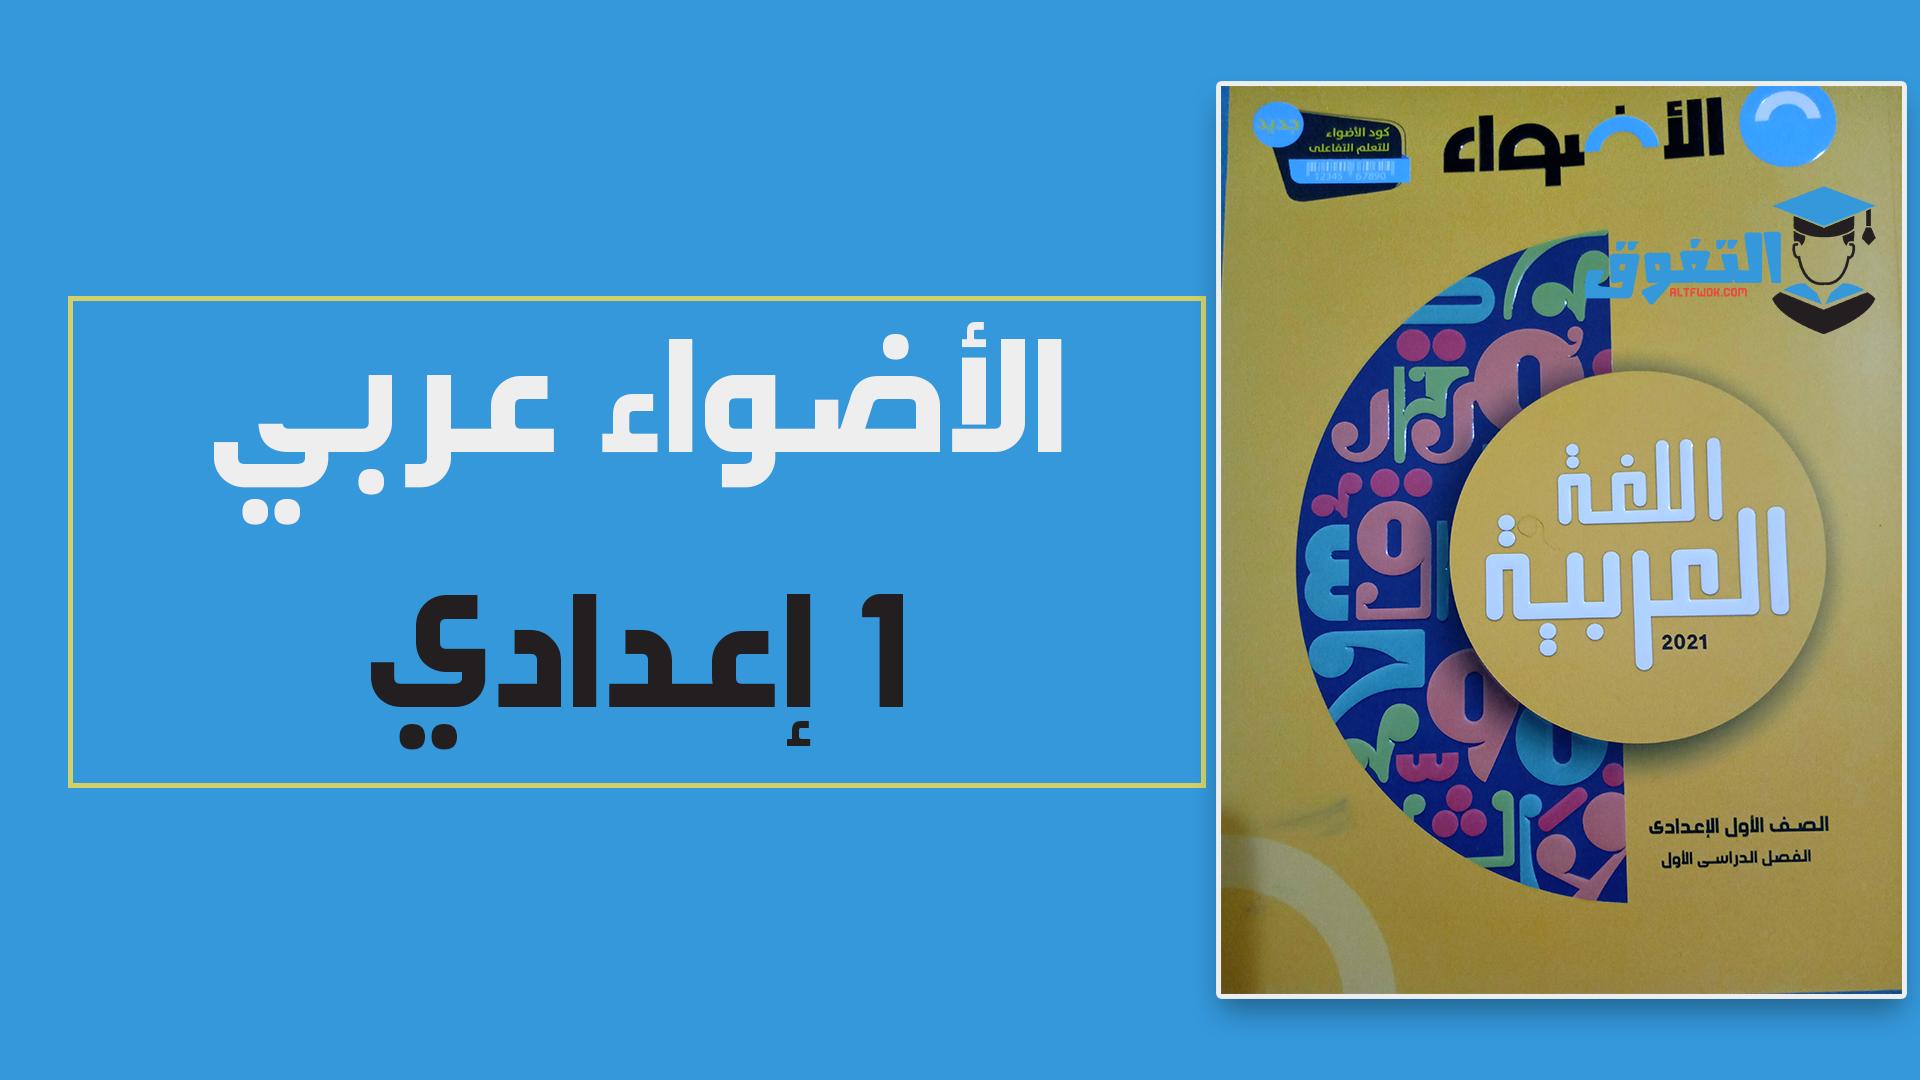 تحميل كتاب الأضواء فى اللغة العربية pdf للصف الأول الإعدادى الترم الأول 2021 (النسخة الجديدة)